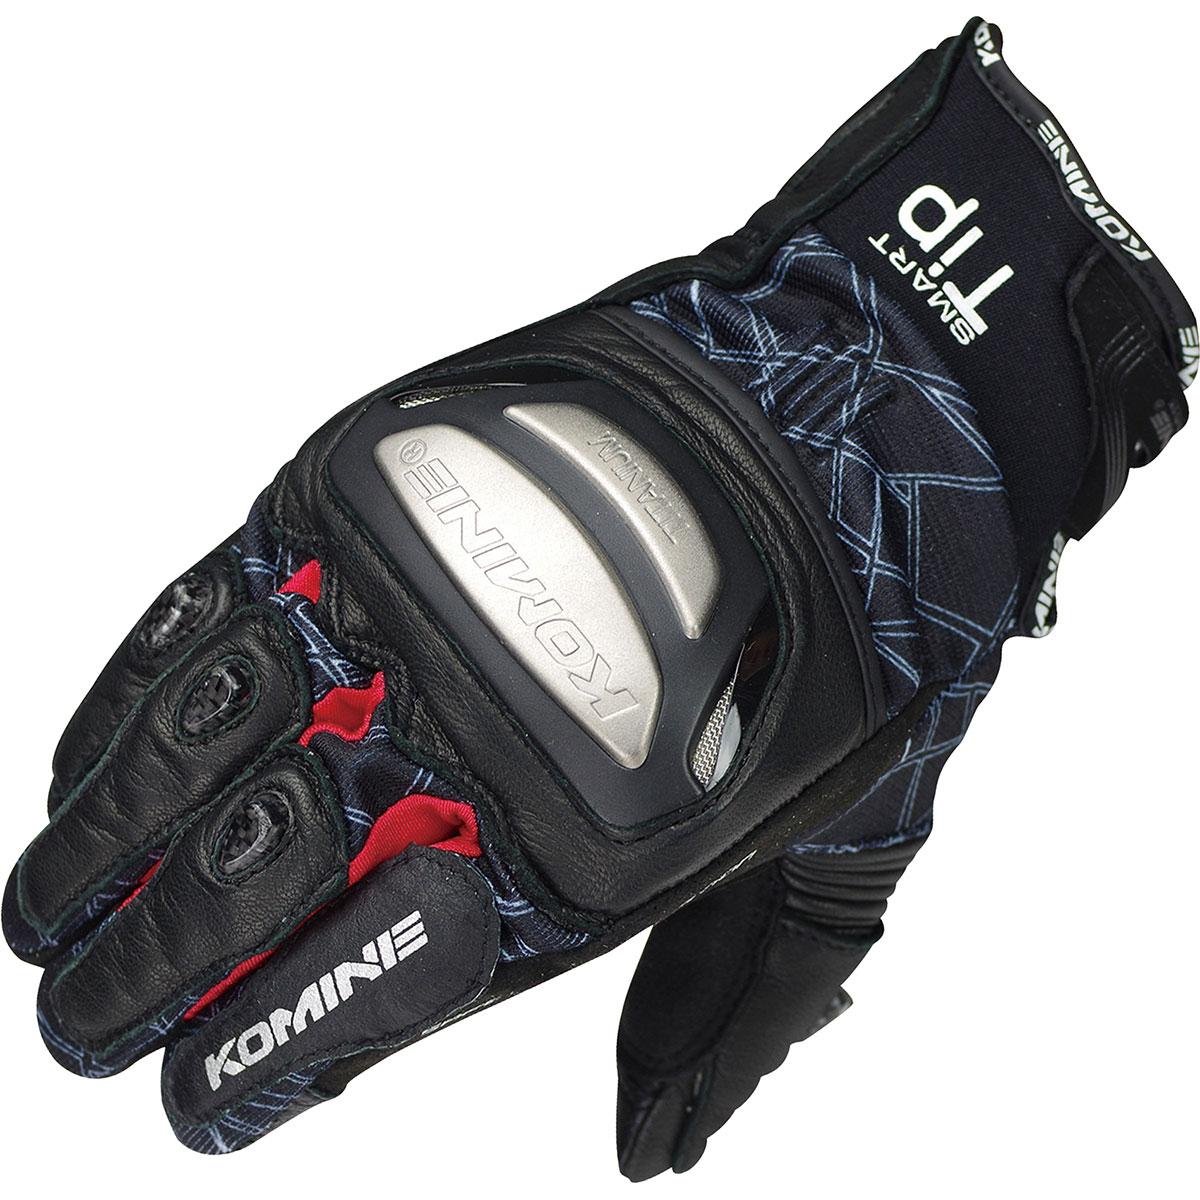 コミネ (Komine) バイク用 グローブ Gloves GK-214 チタニウムメッシュグローブ ブラック レッド 黒 赤 Lサイズ 06-214/BK/RD/L